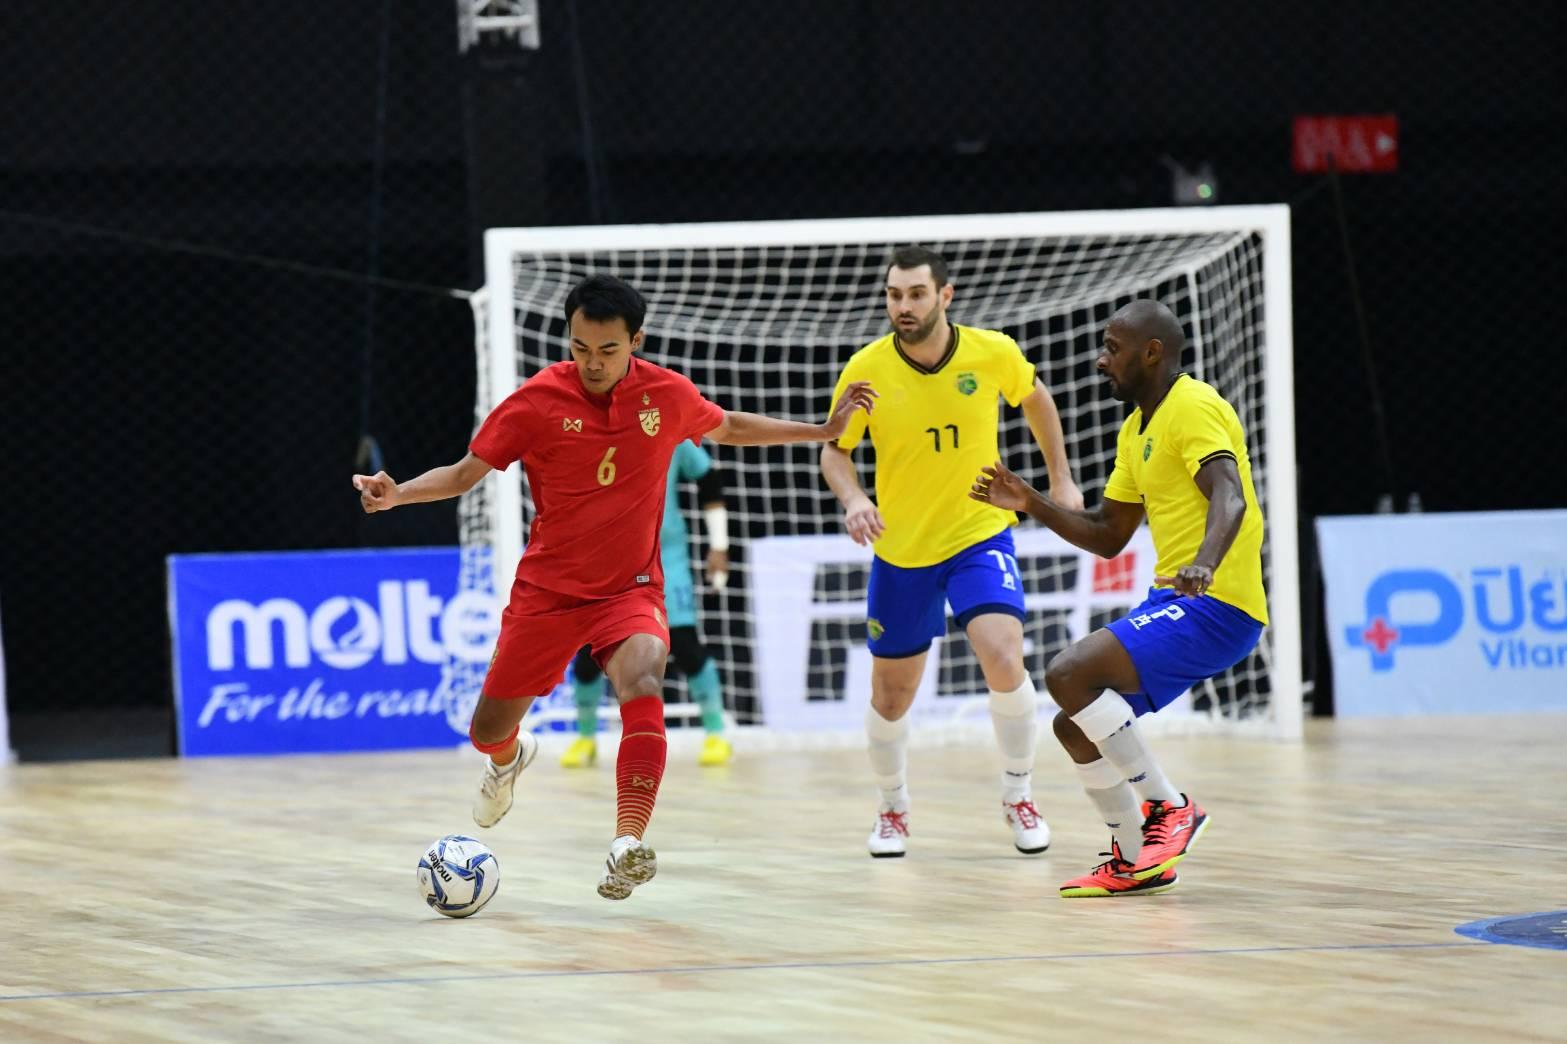 ฟุตซอลทีมชาติไทย